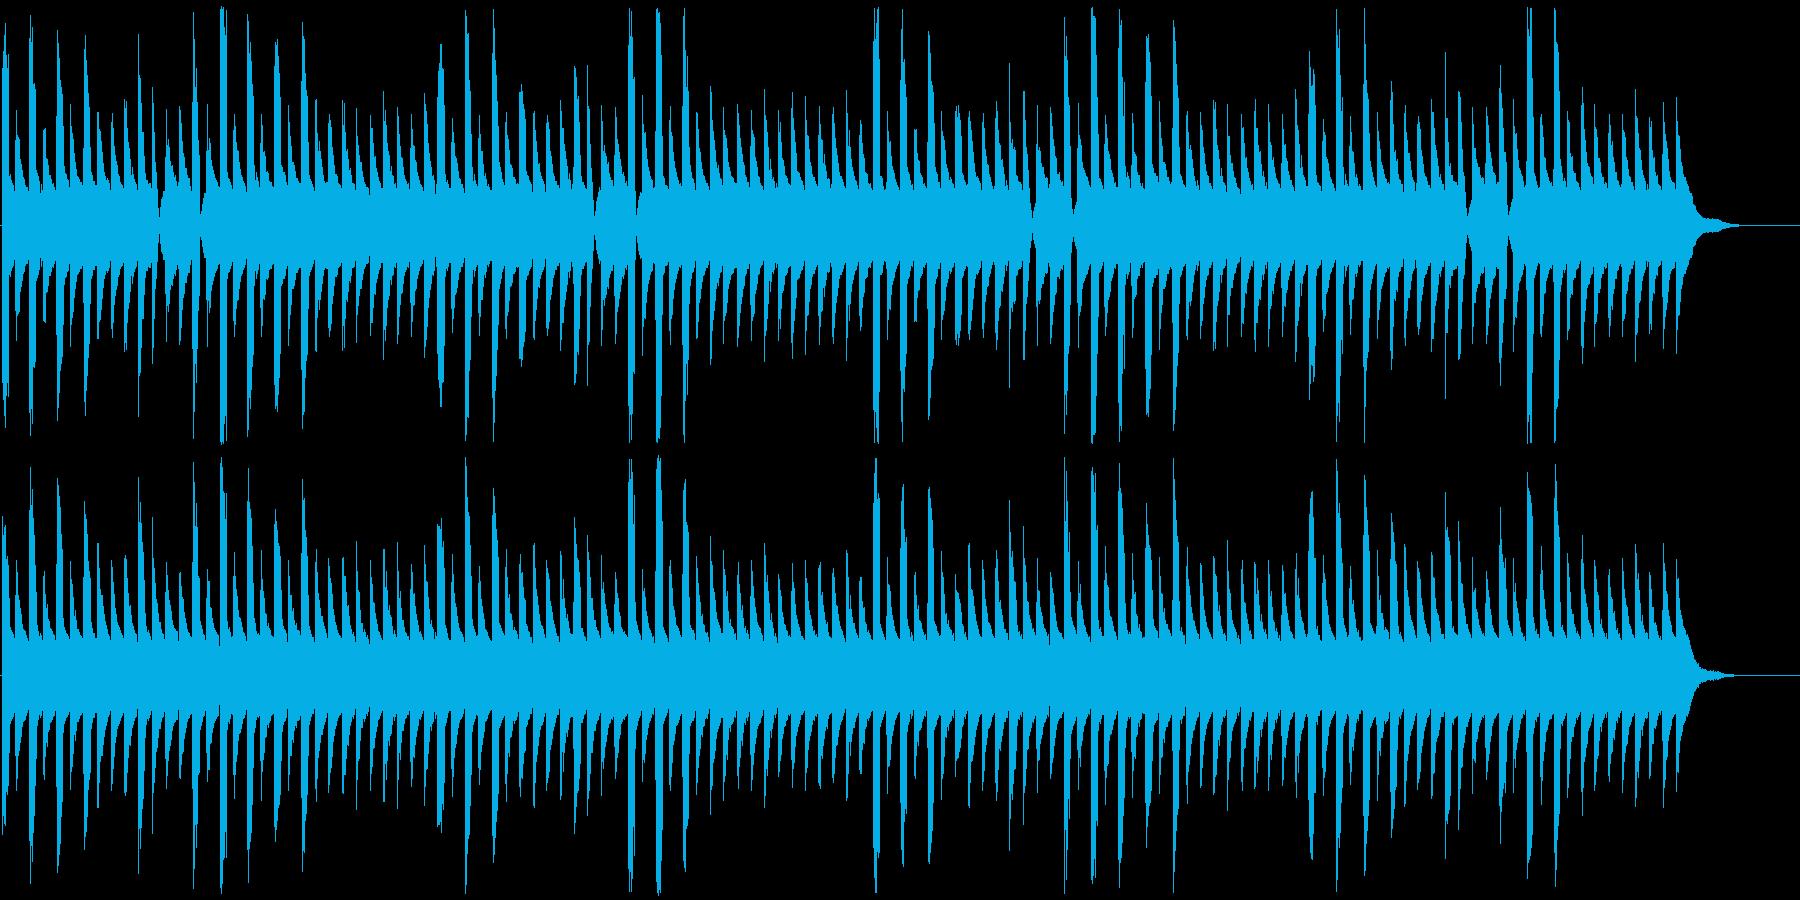 パズル・クエスト等向けエレクトロ曲の再生済みの波形